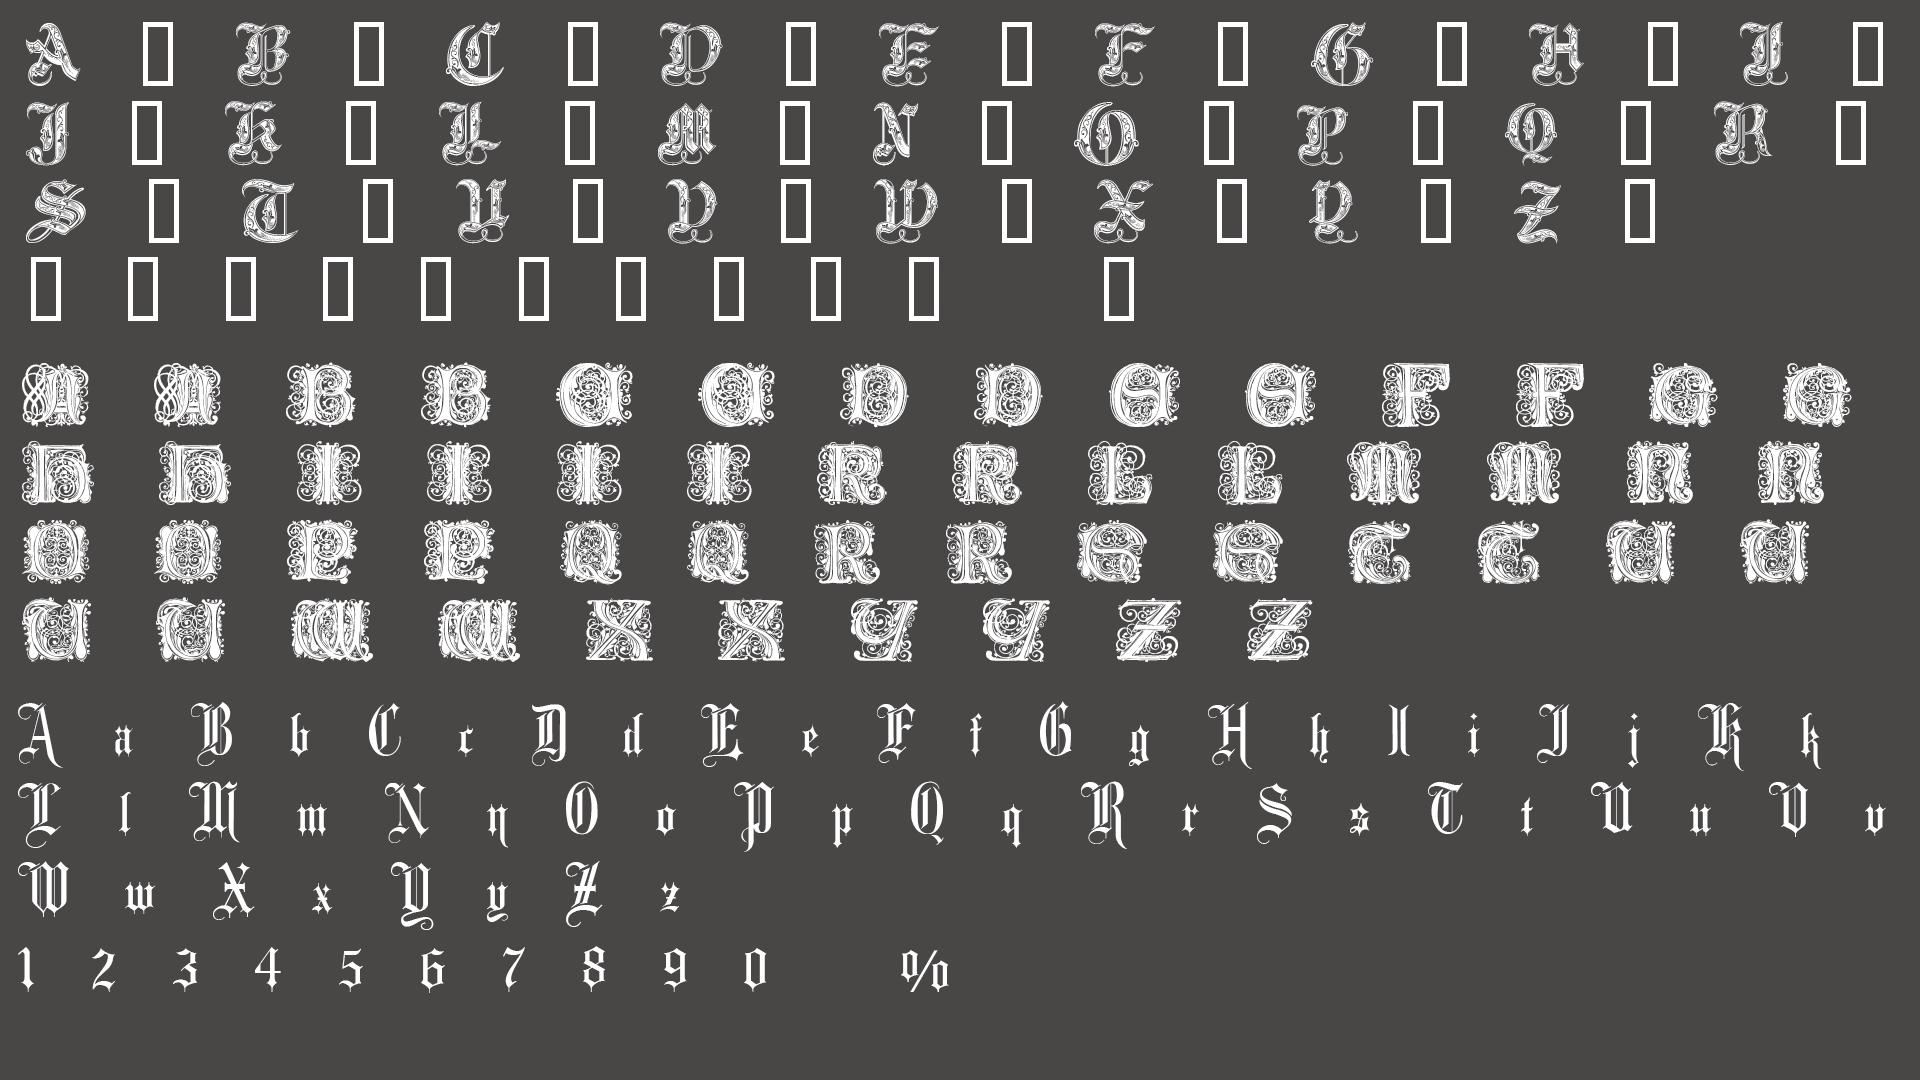 均没有数字字体(只有字母)所以没办法图片